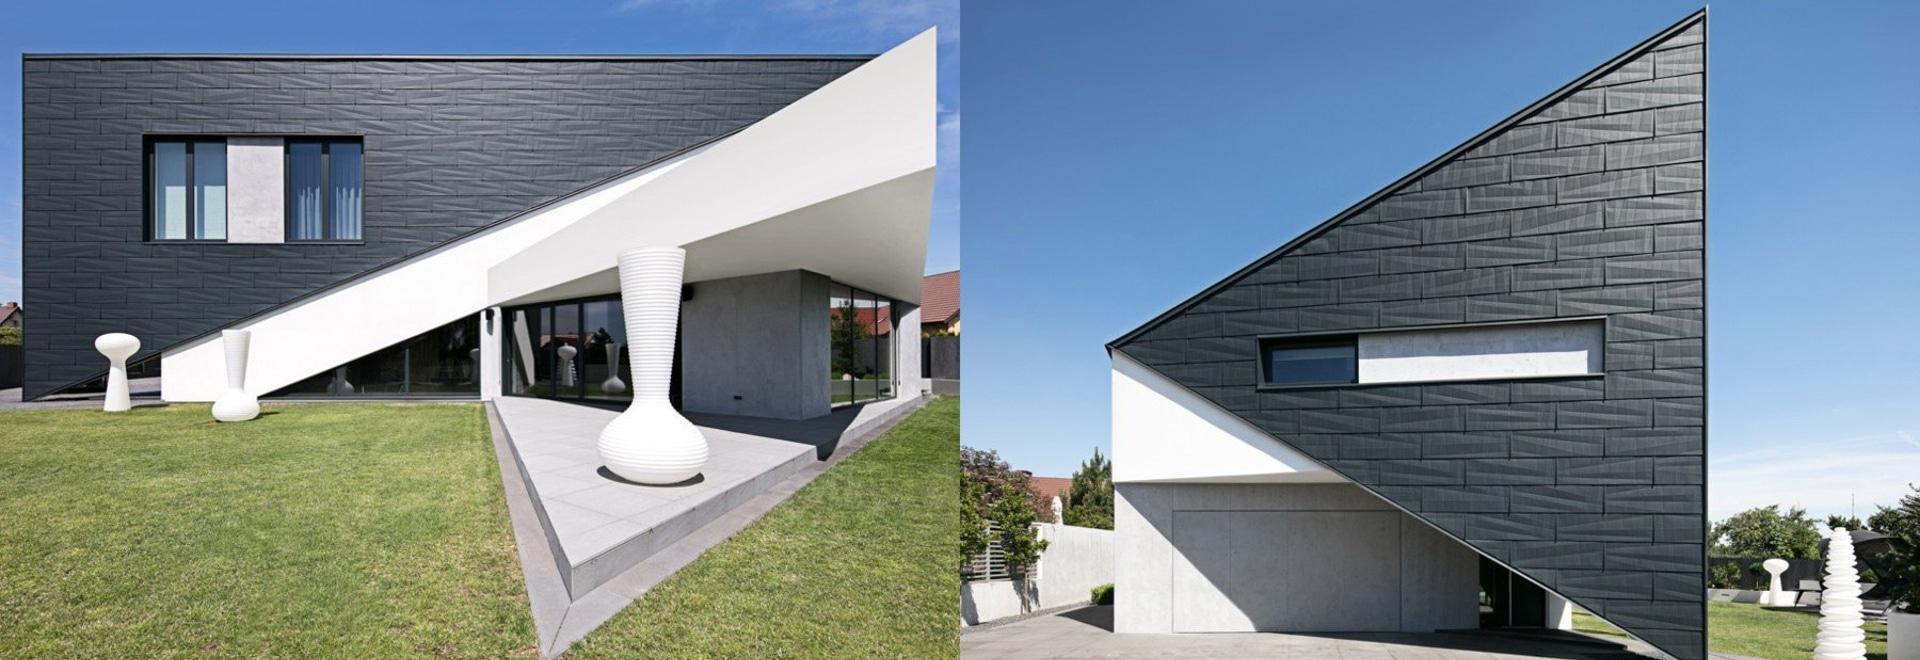 la casa triangular de los architekt de la reforma en Polonia cabe perfectamente el ambiente circundante